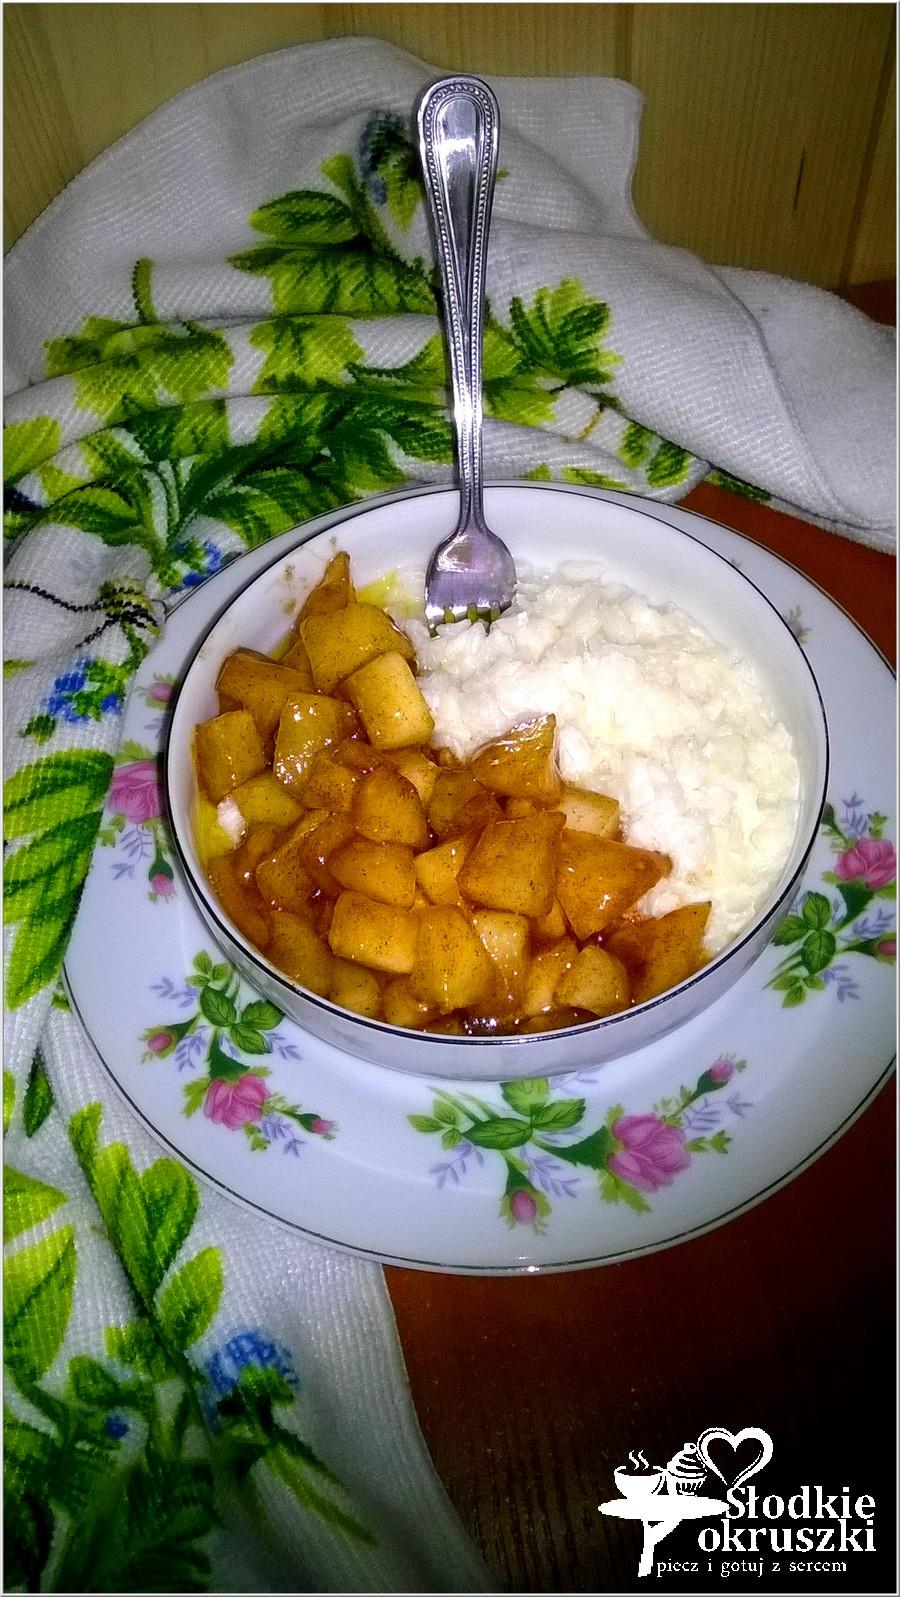 Płatki ryżowe z karmelizowanym jabłuszkiem. Pyszne śniadanie. (1)